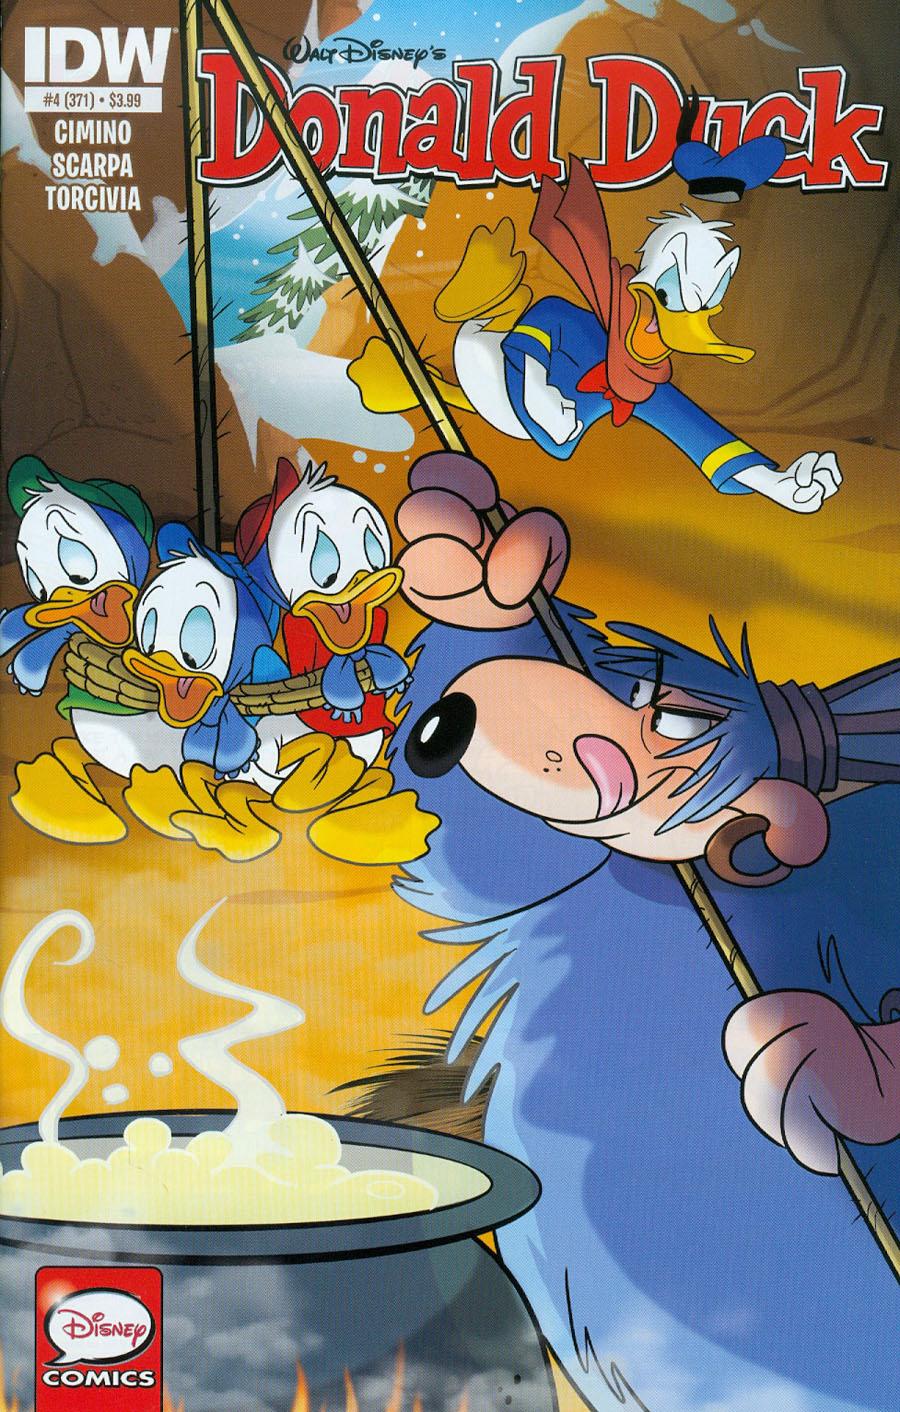 Donald Duck Vol 2 #4 Cover A Regular Dave Alvarez Cover